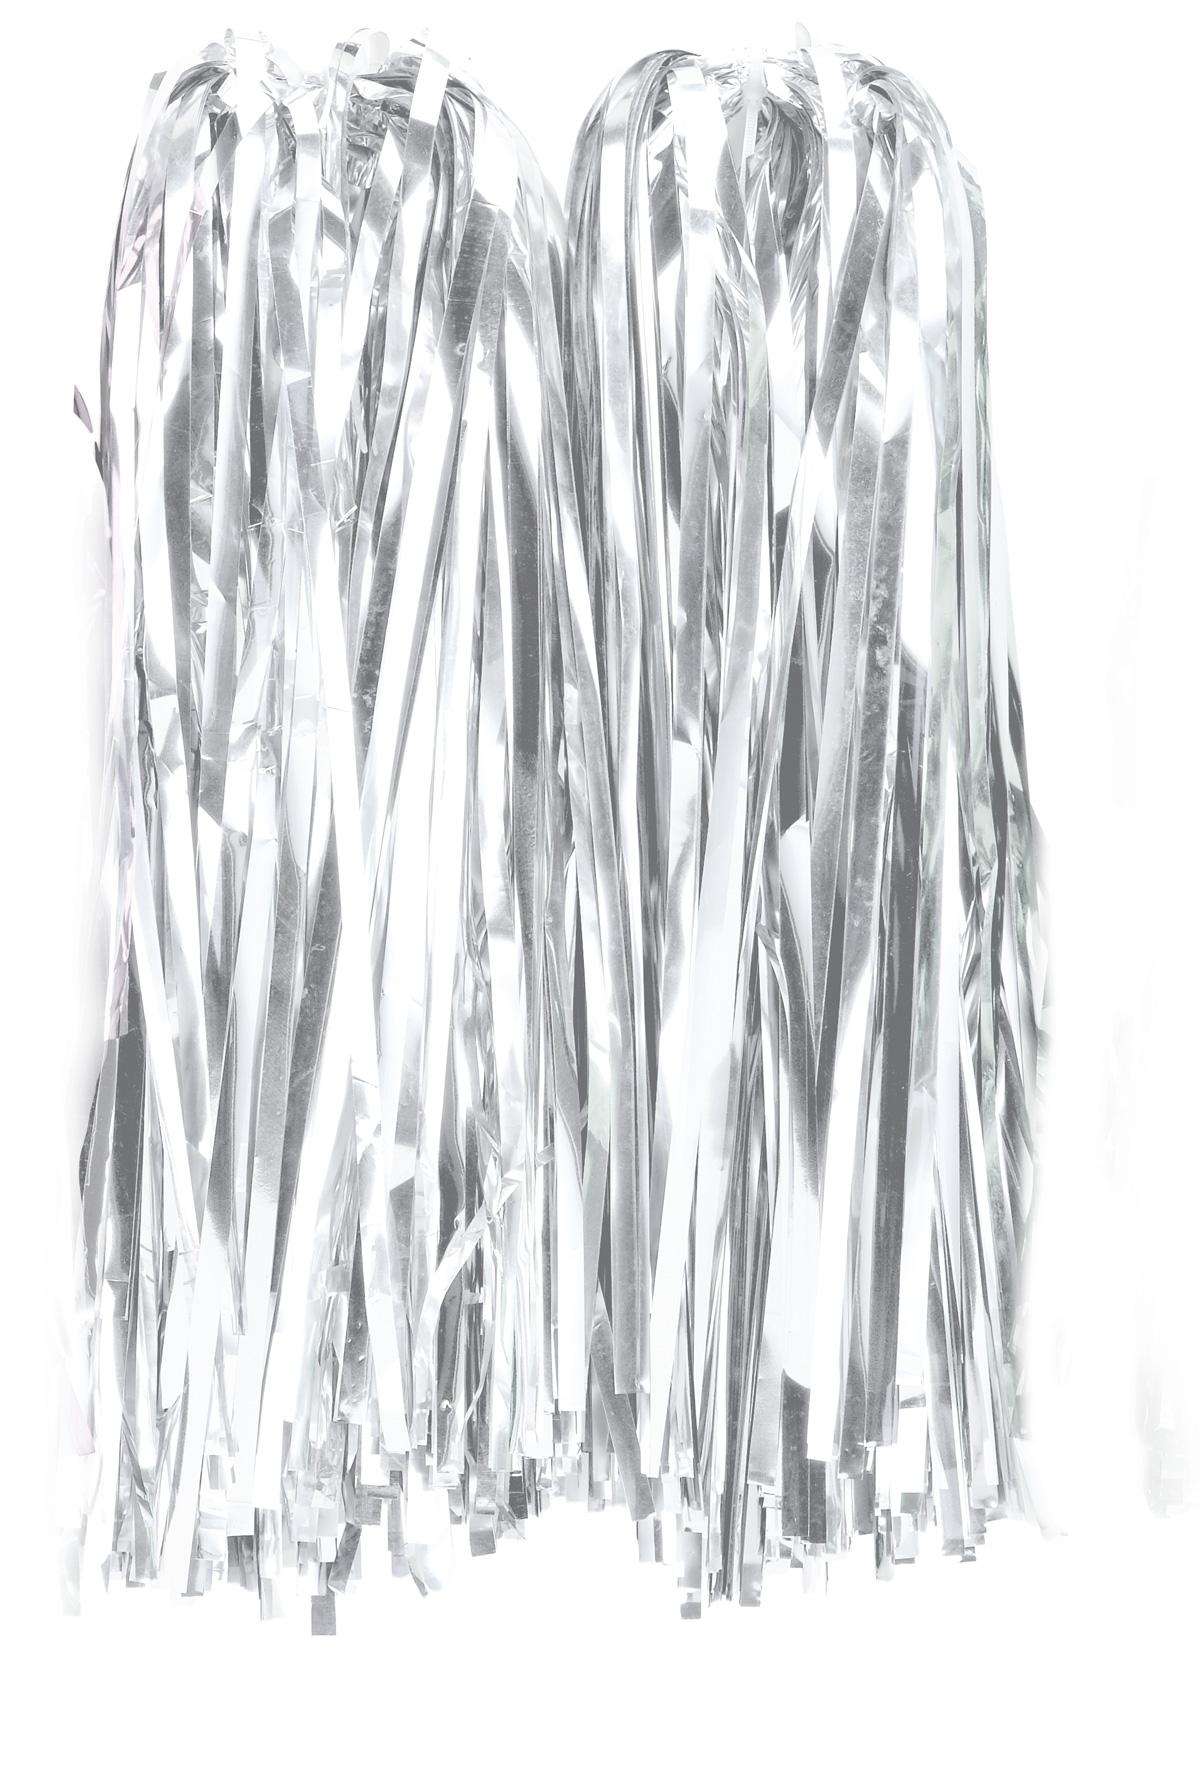 Λευκά Αποκριάτικα Πόν Πόν 38cm, (Σέτ 2 Τεμαχίων)